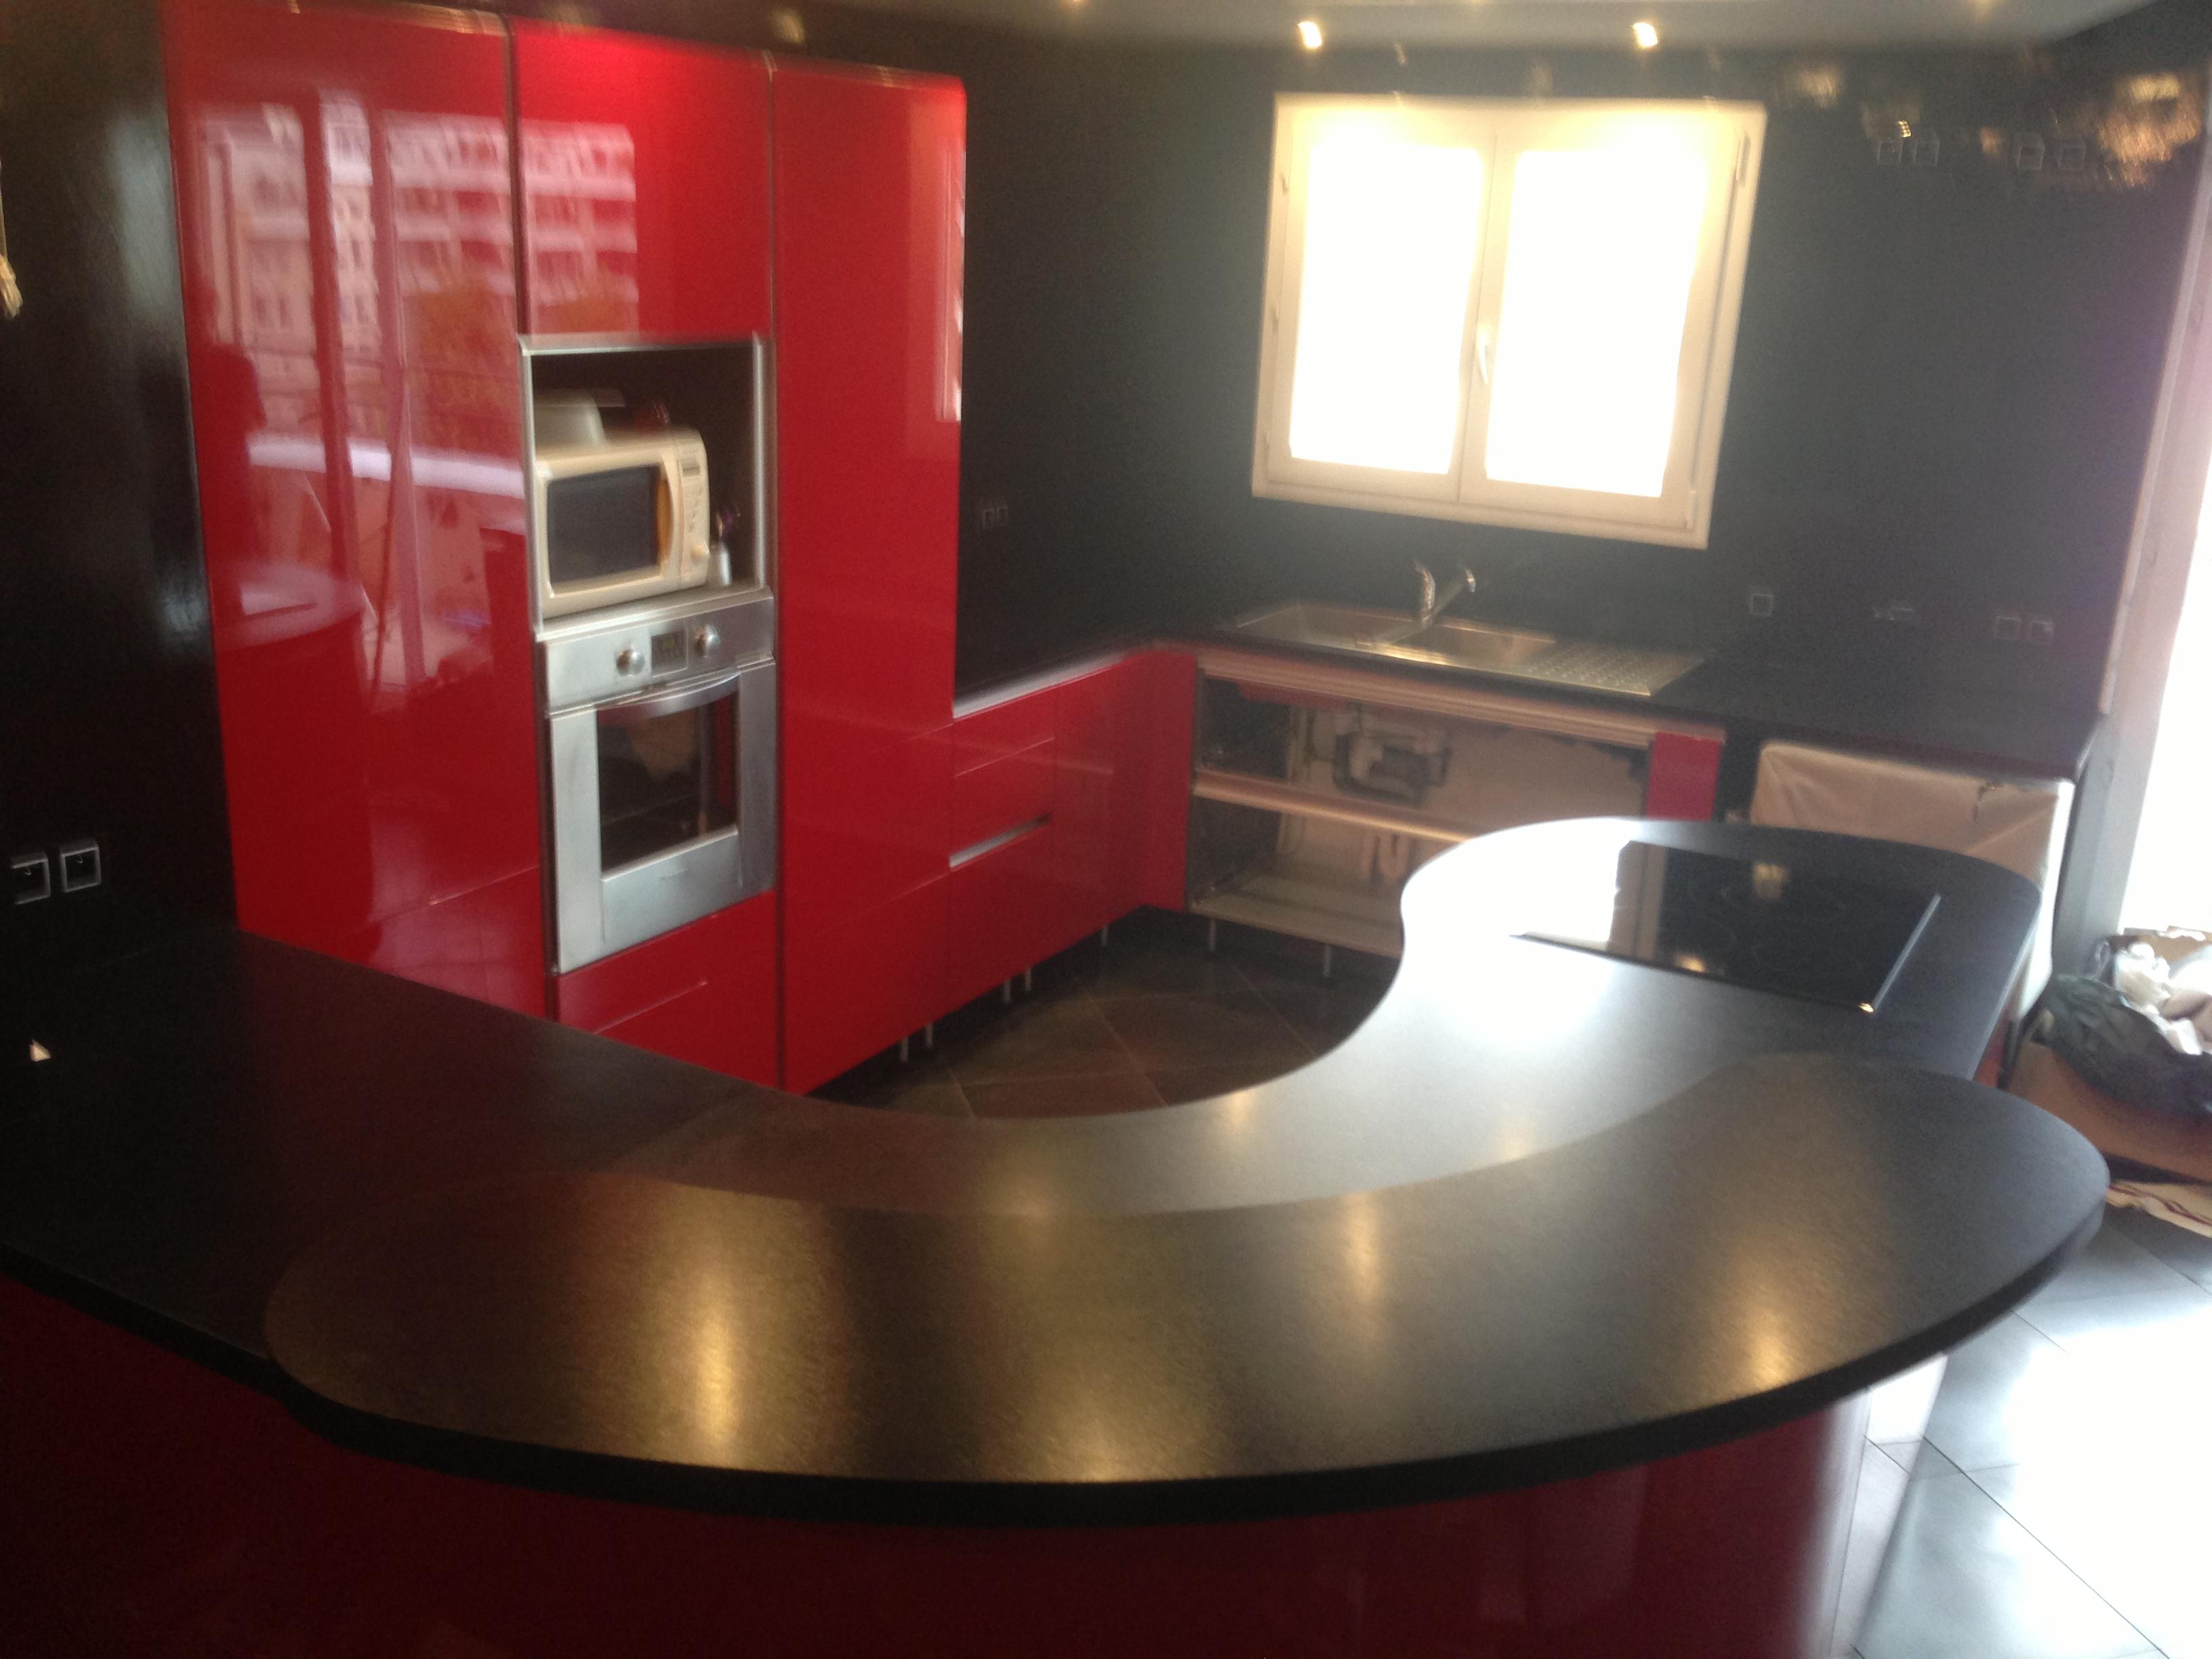 plan de travail granit quartz table en mabre paris essonne planpierrecuisine granit. Black Bedroom Furniture Sets. Home Design Ideas